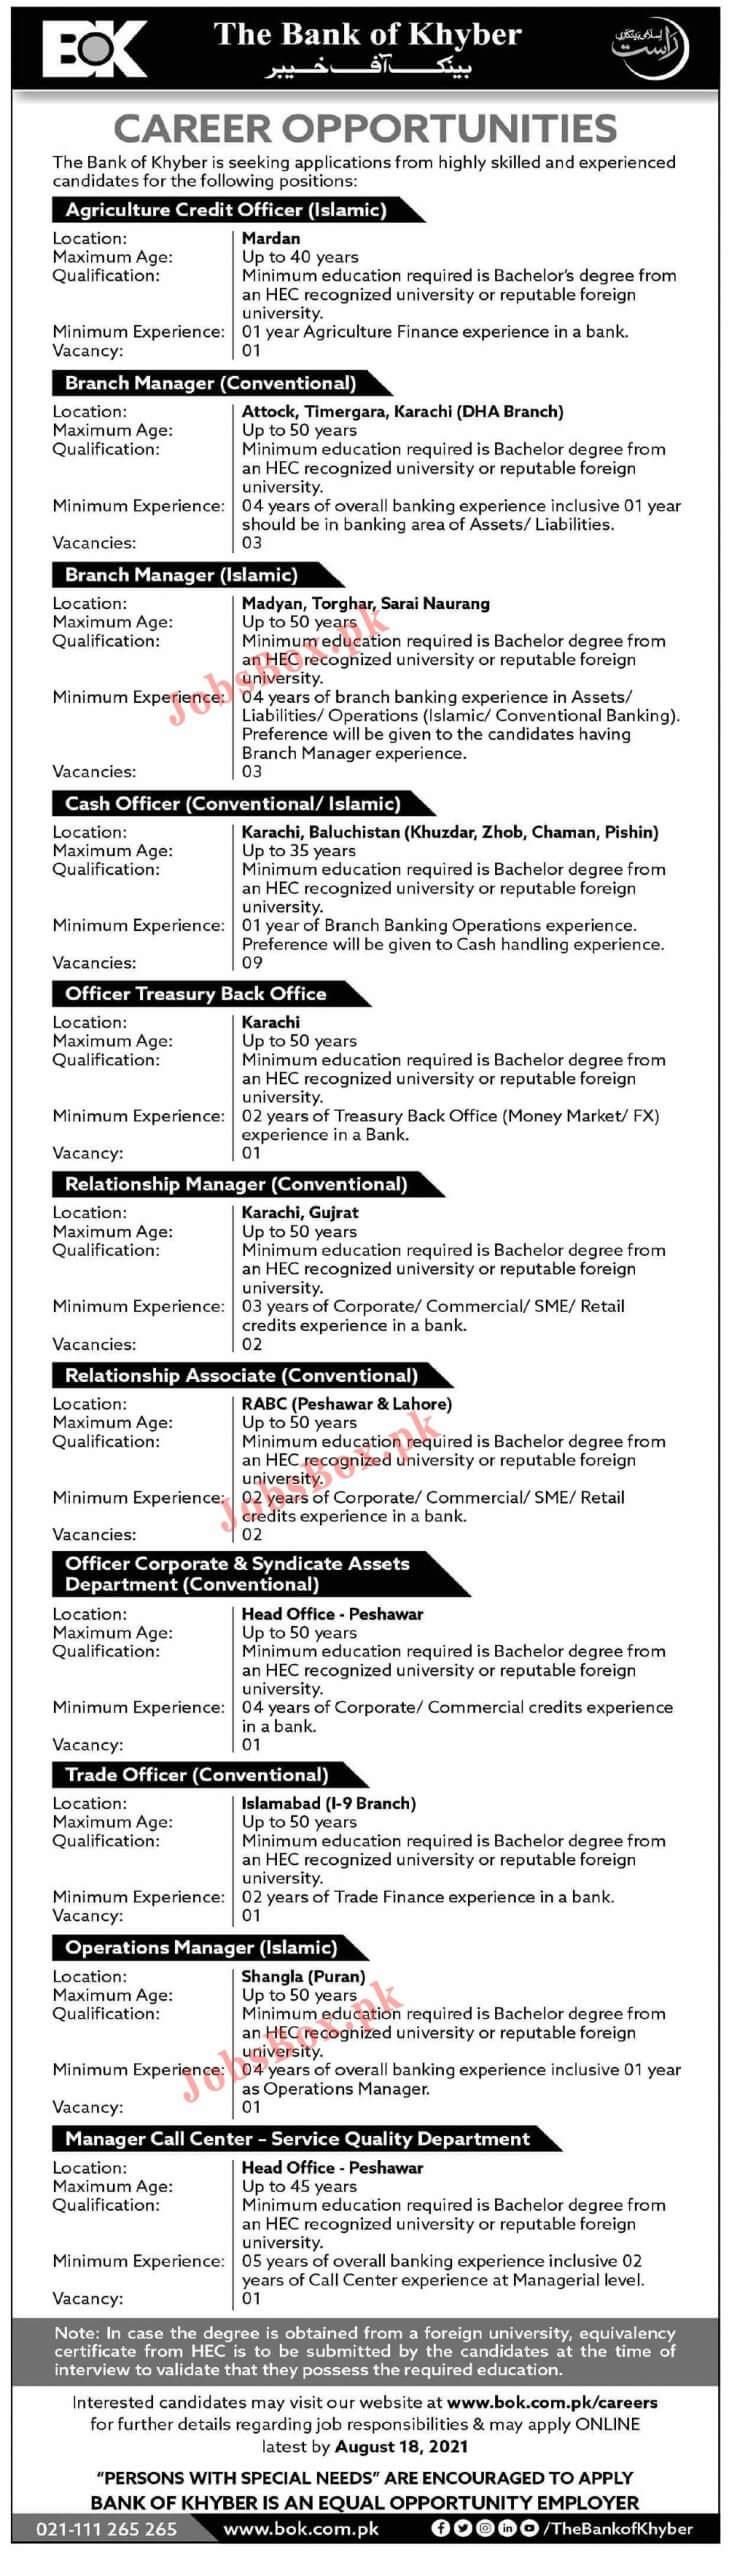 BOK Bank of Khyber Jobs 2021 in Pakistan - www.bok.com.pk Jobs 2021 - BOK Jobs 2021